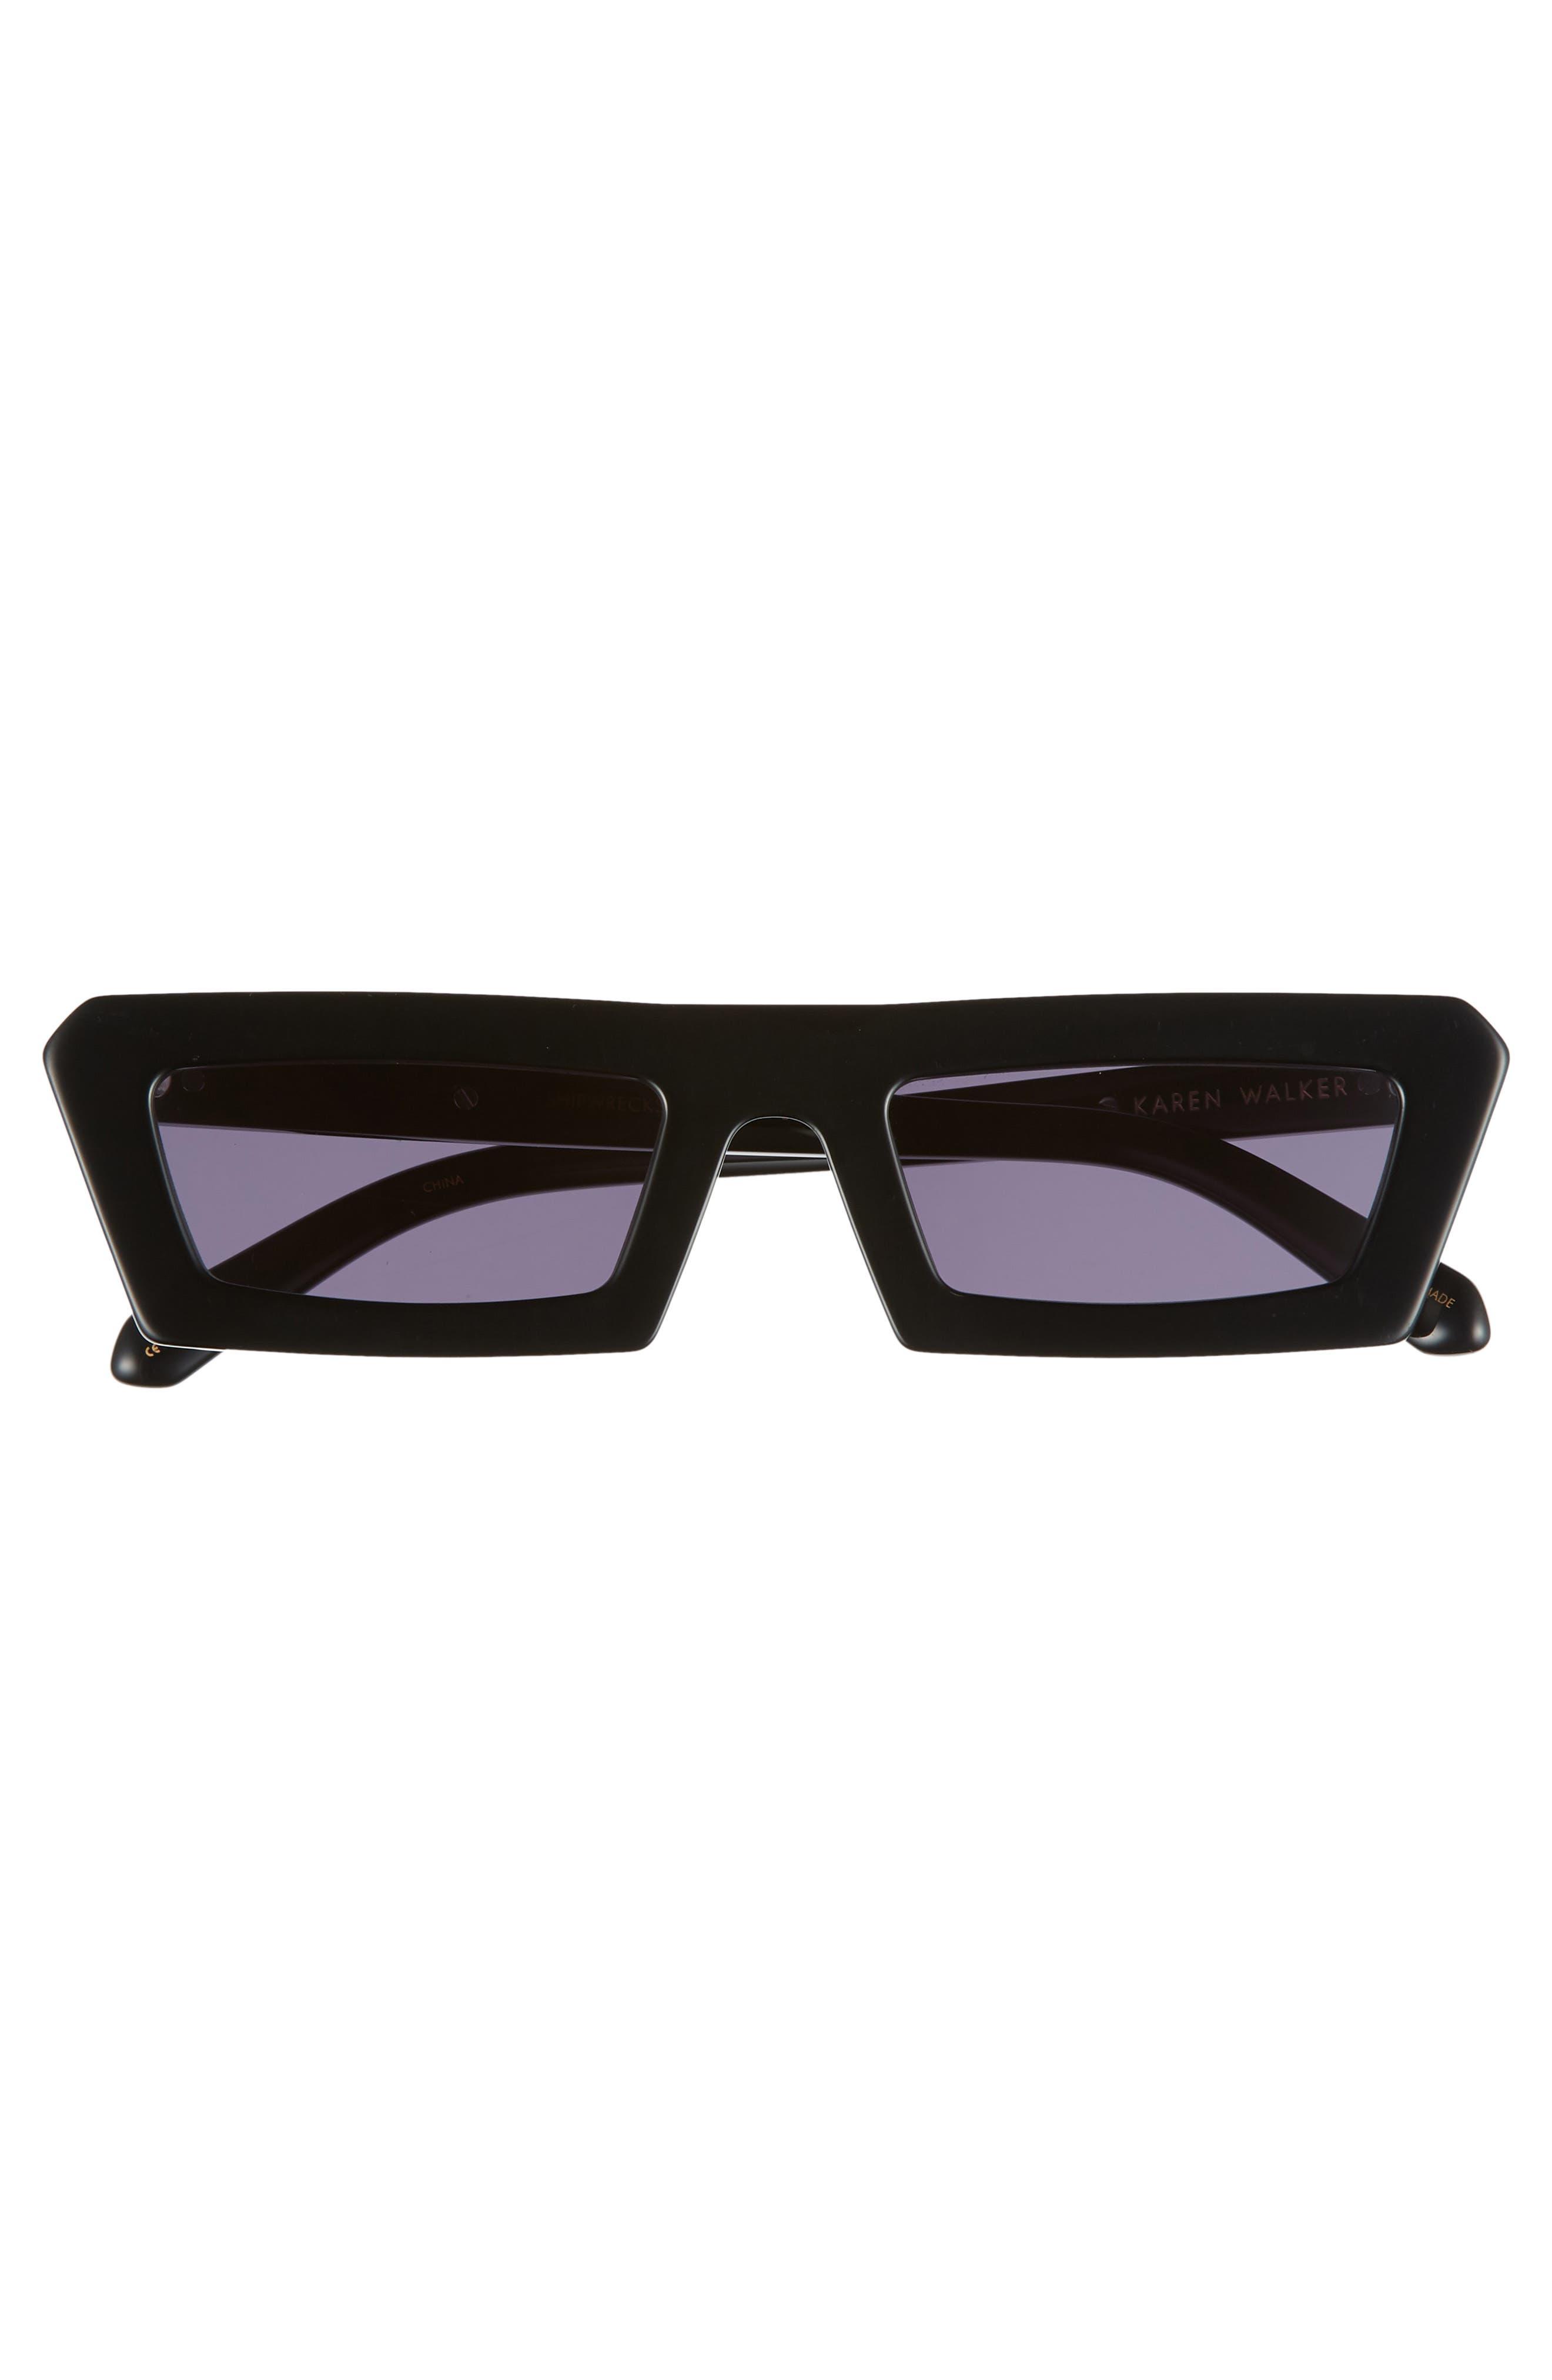 Shipwrecks 52mm Square Sunglasses,                             Alternate thumbnail 3, color,                             BLACK/ SMOKE